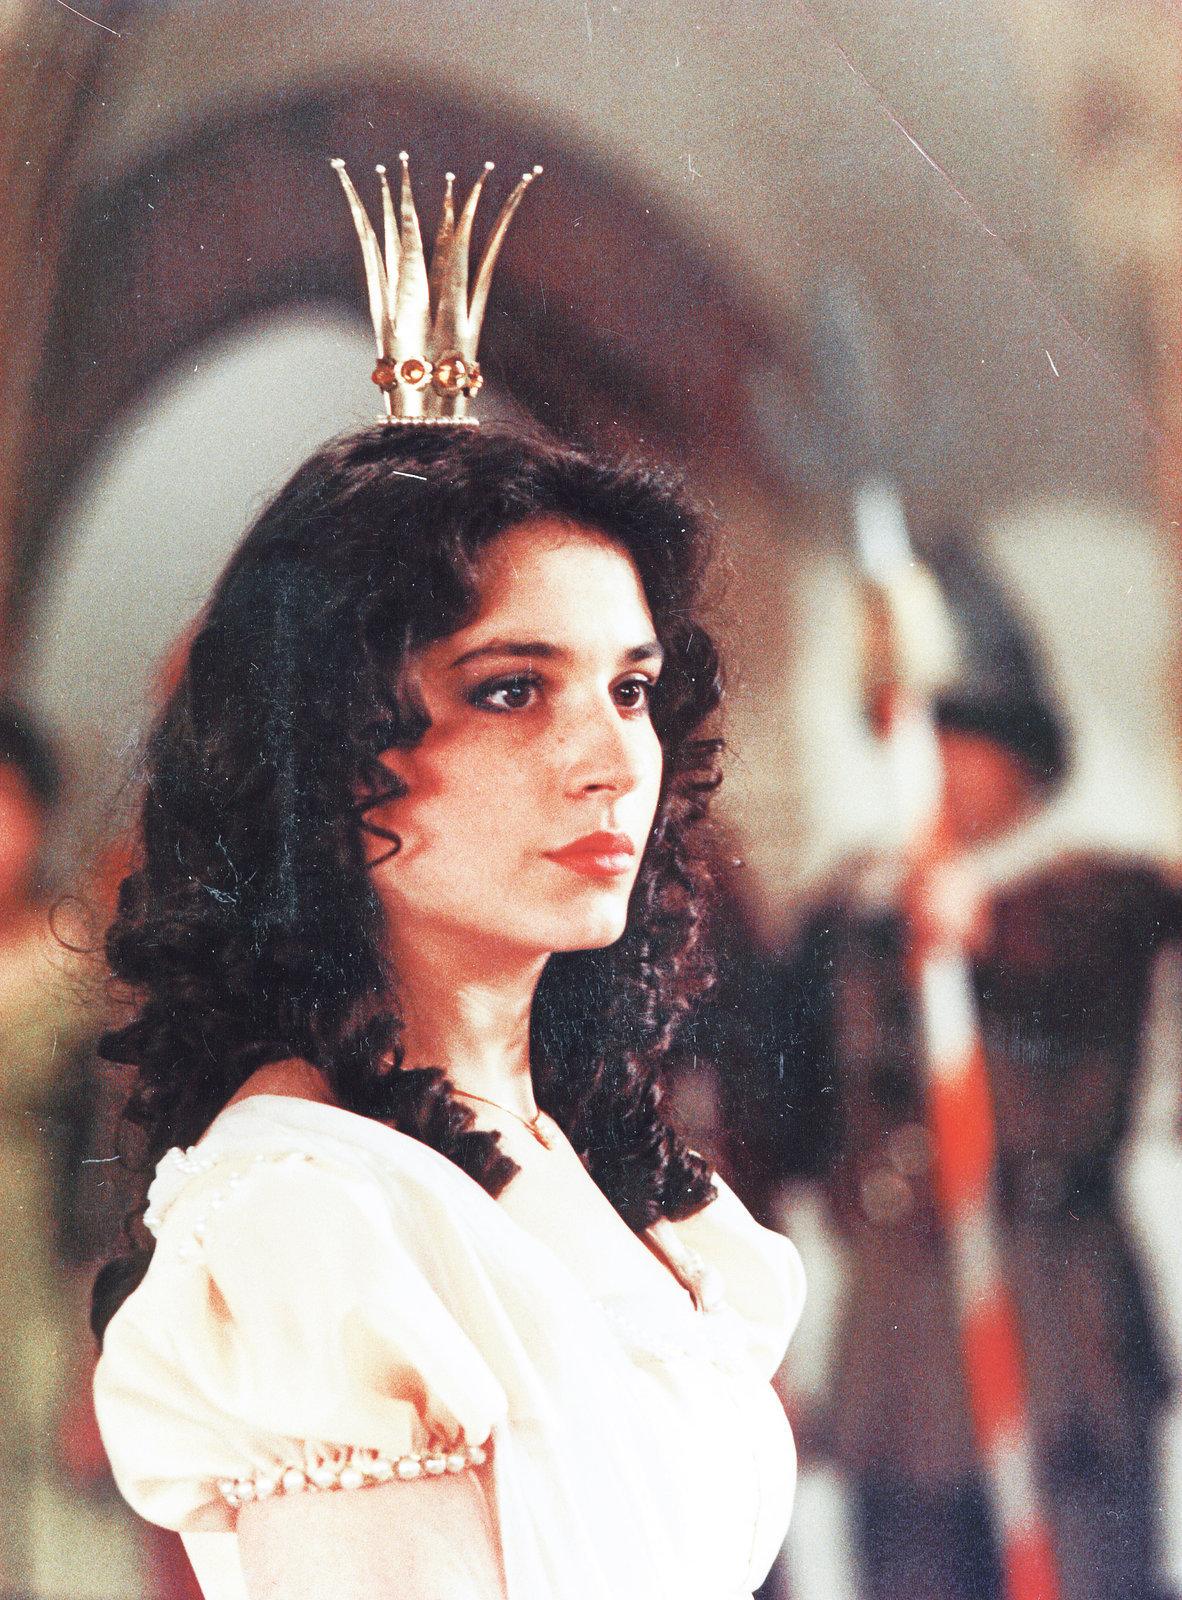 Míša Kuklová při natáčení pohádky utrpěla několik zranění, mimo jiné i od Heleny Růžičkové.